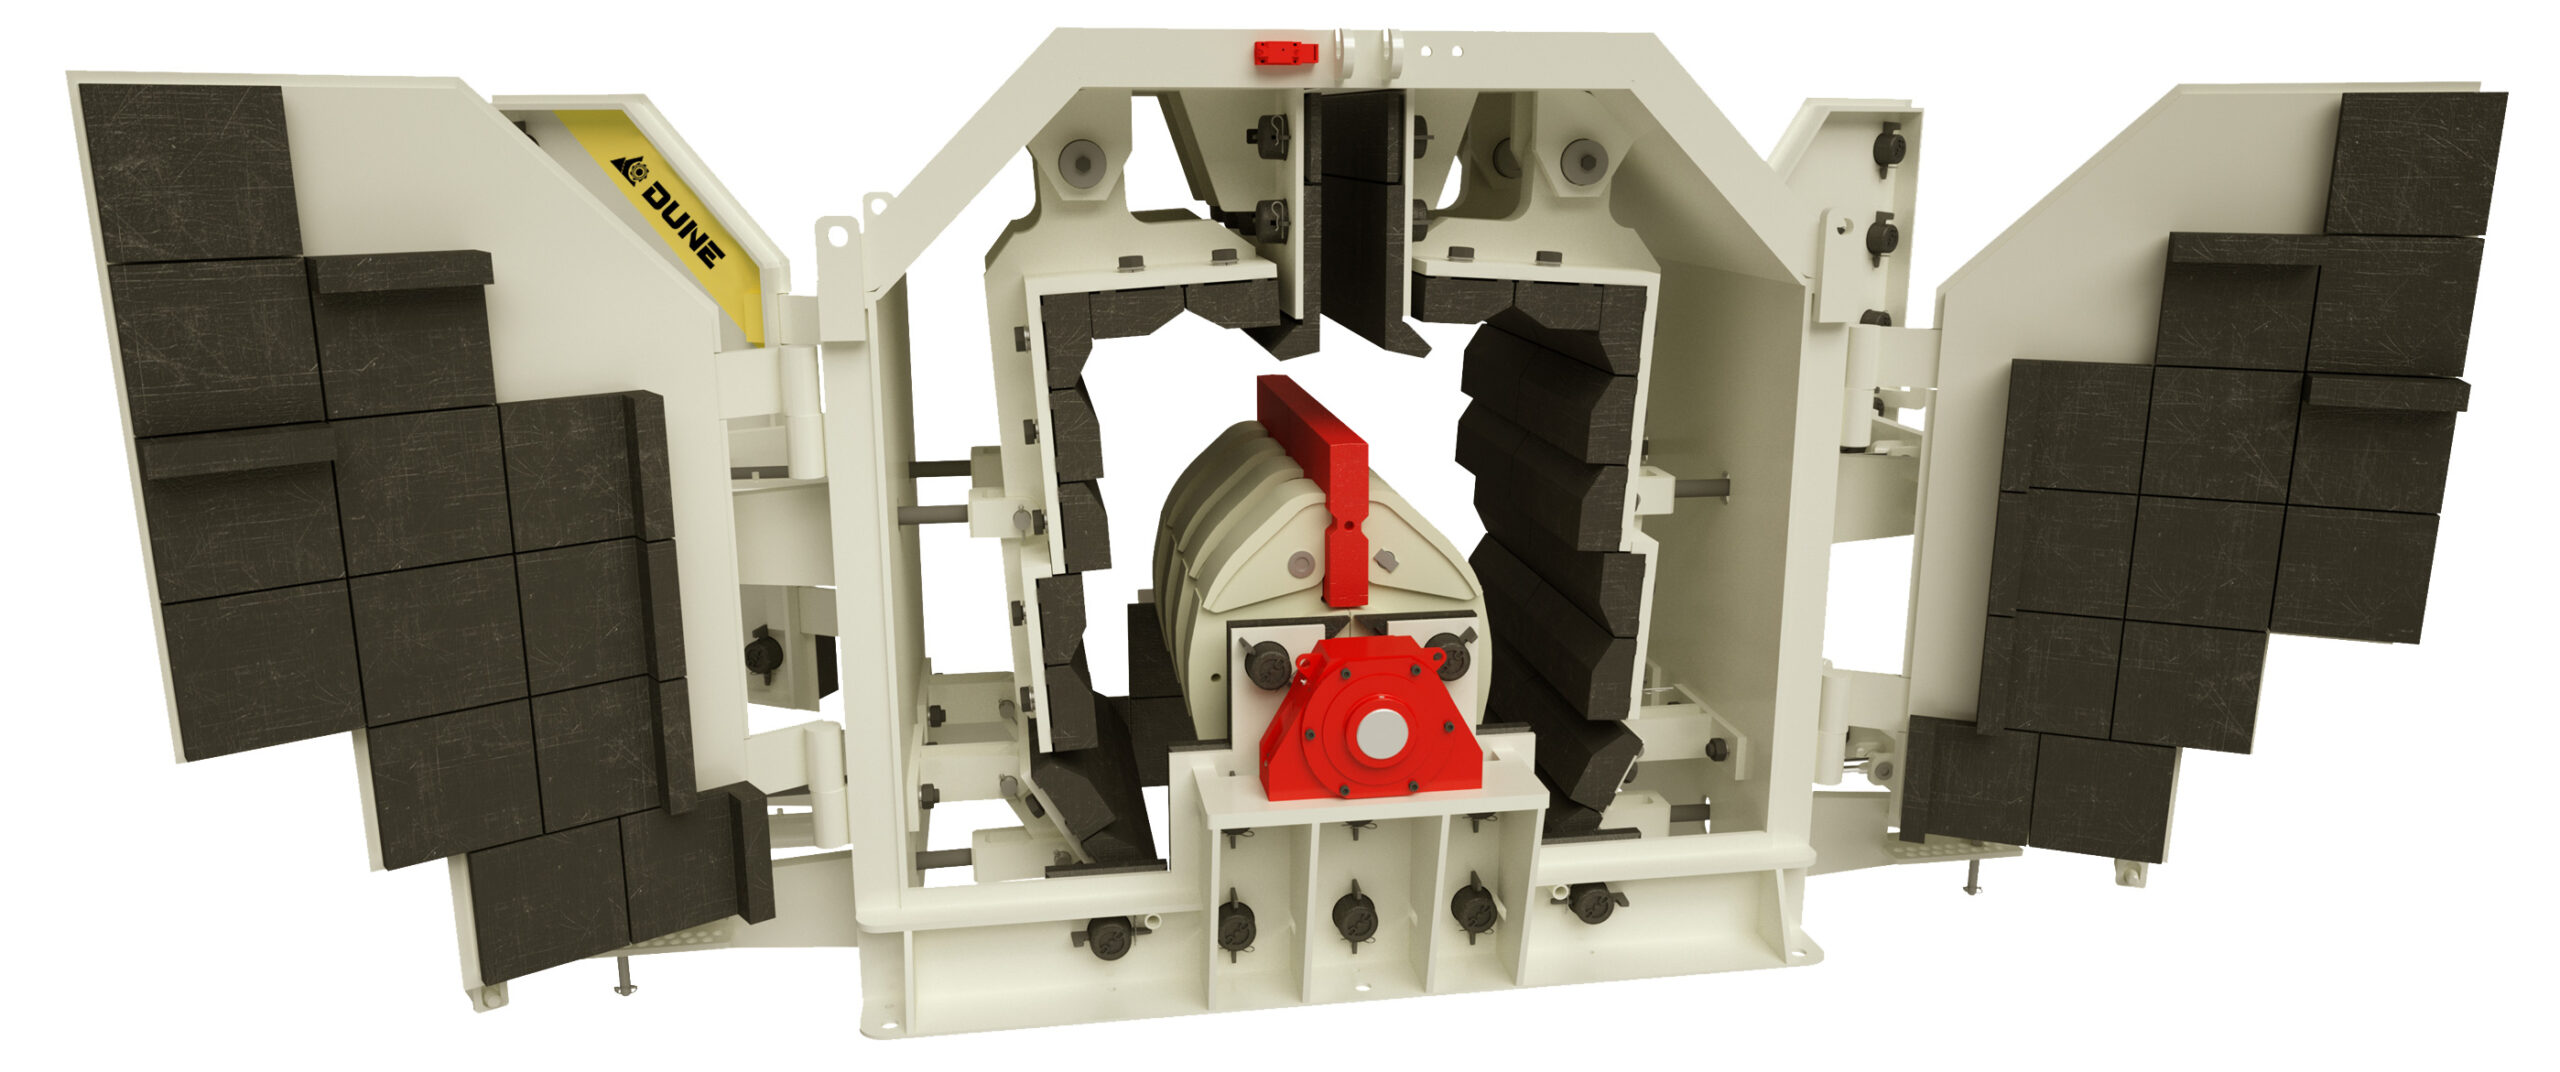 Внутреннее устройство роторной дробилки Dune (Дюна, Piscis)